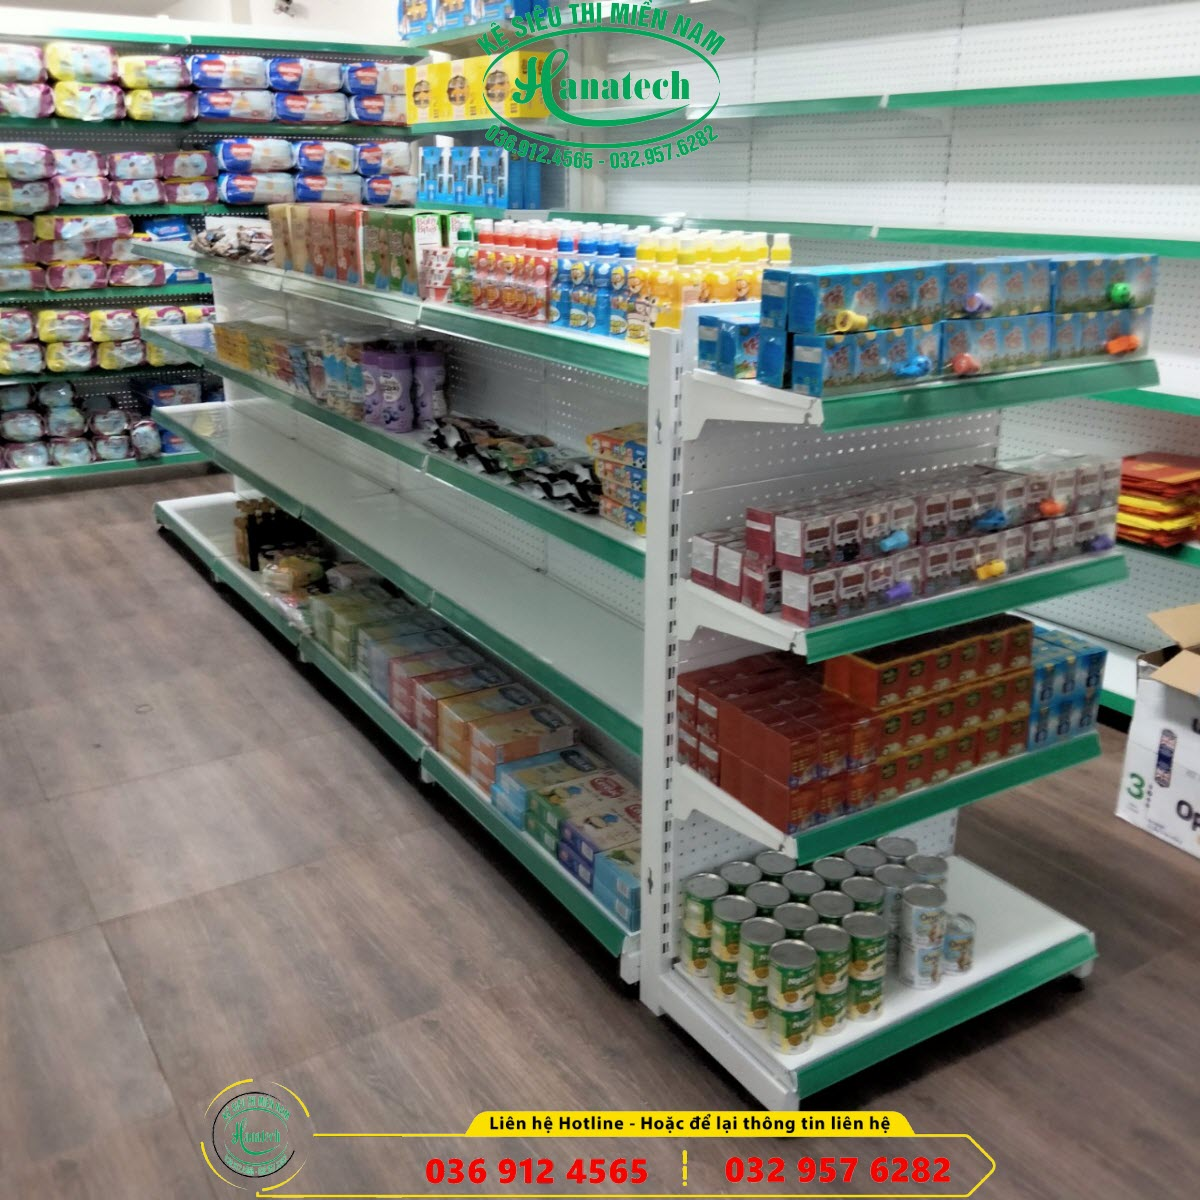 Giá kệ siêu thị đôi lưng tôn đục lỗ bày hàng